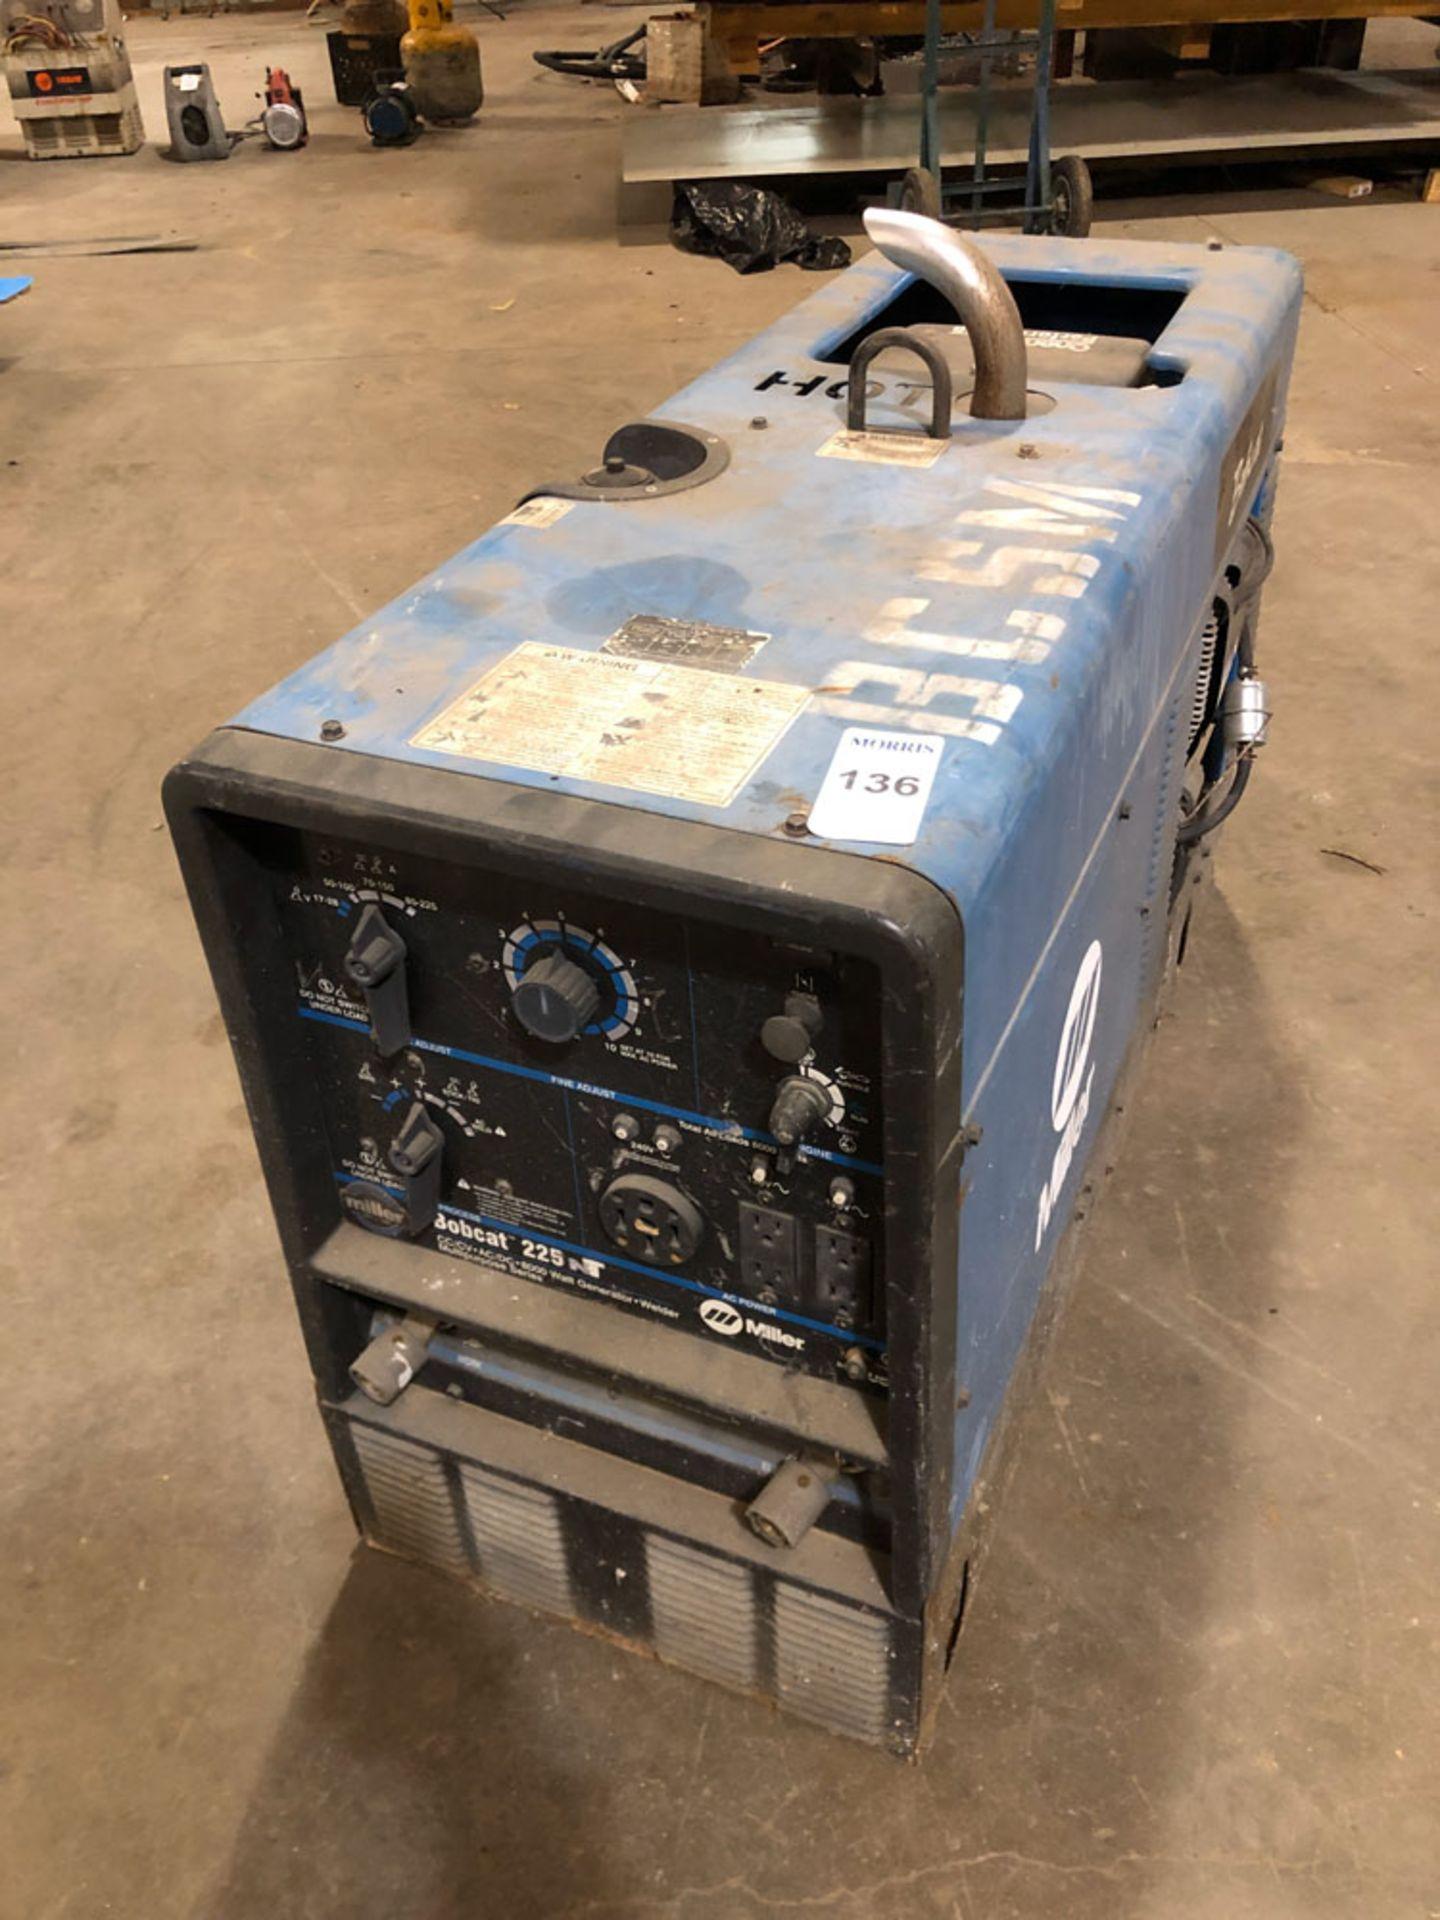 Lot 136 - Welder, Miller Bobcat Gas Powered